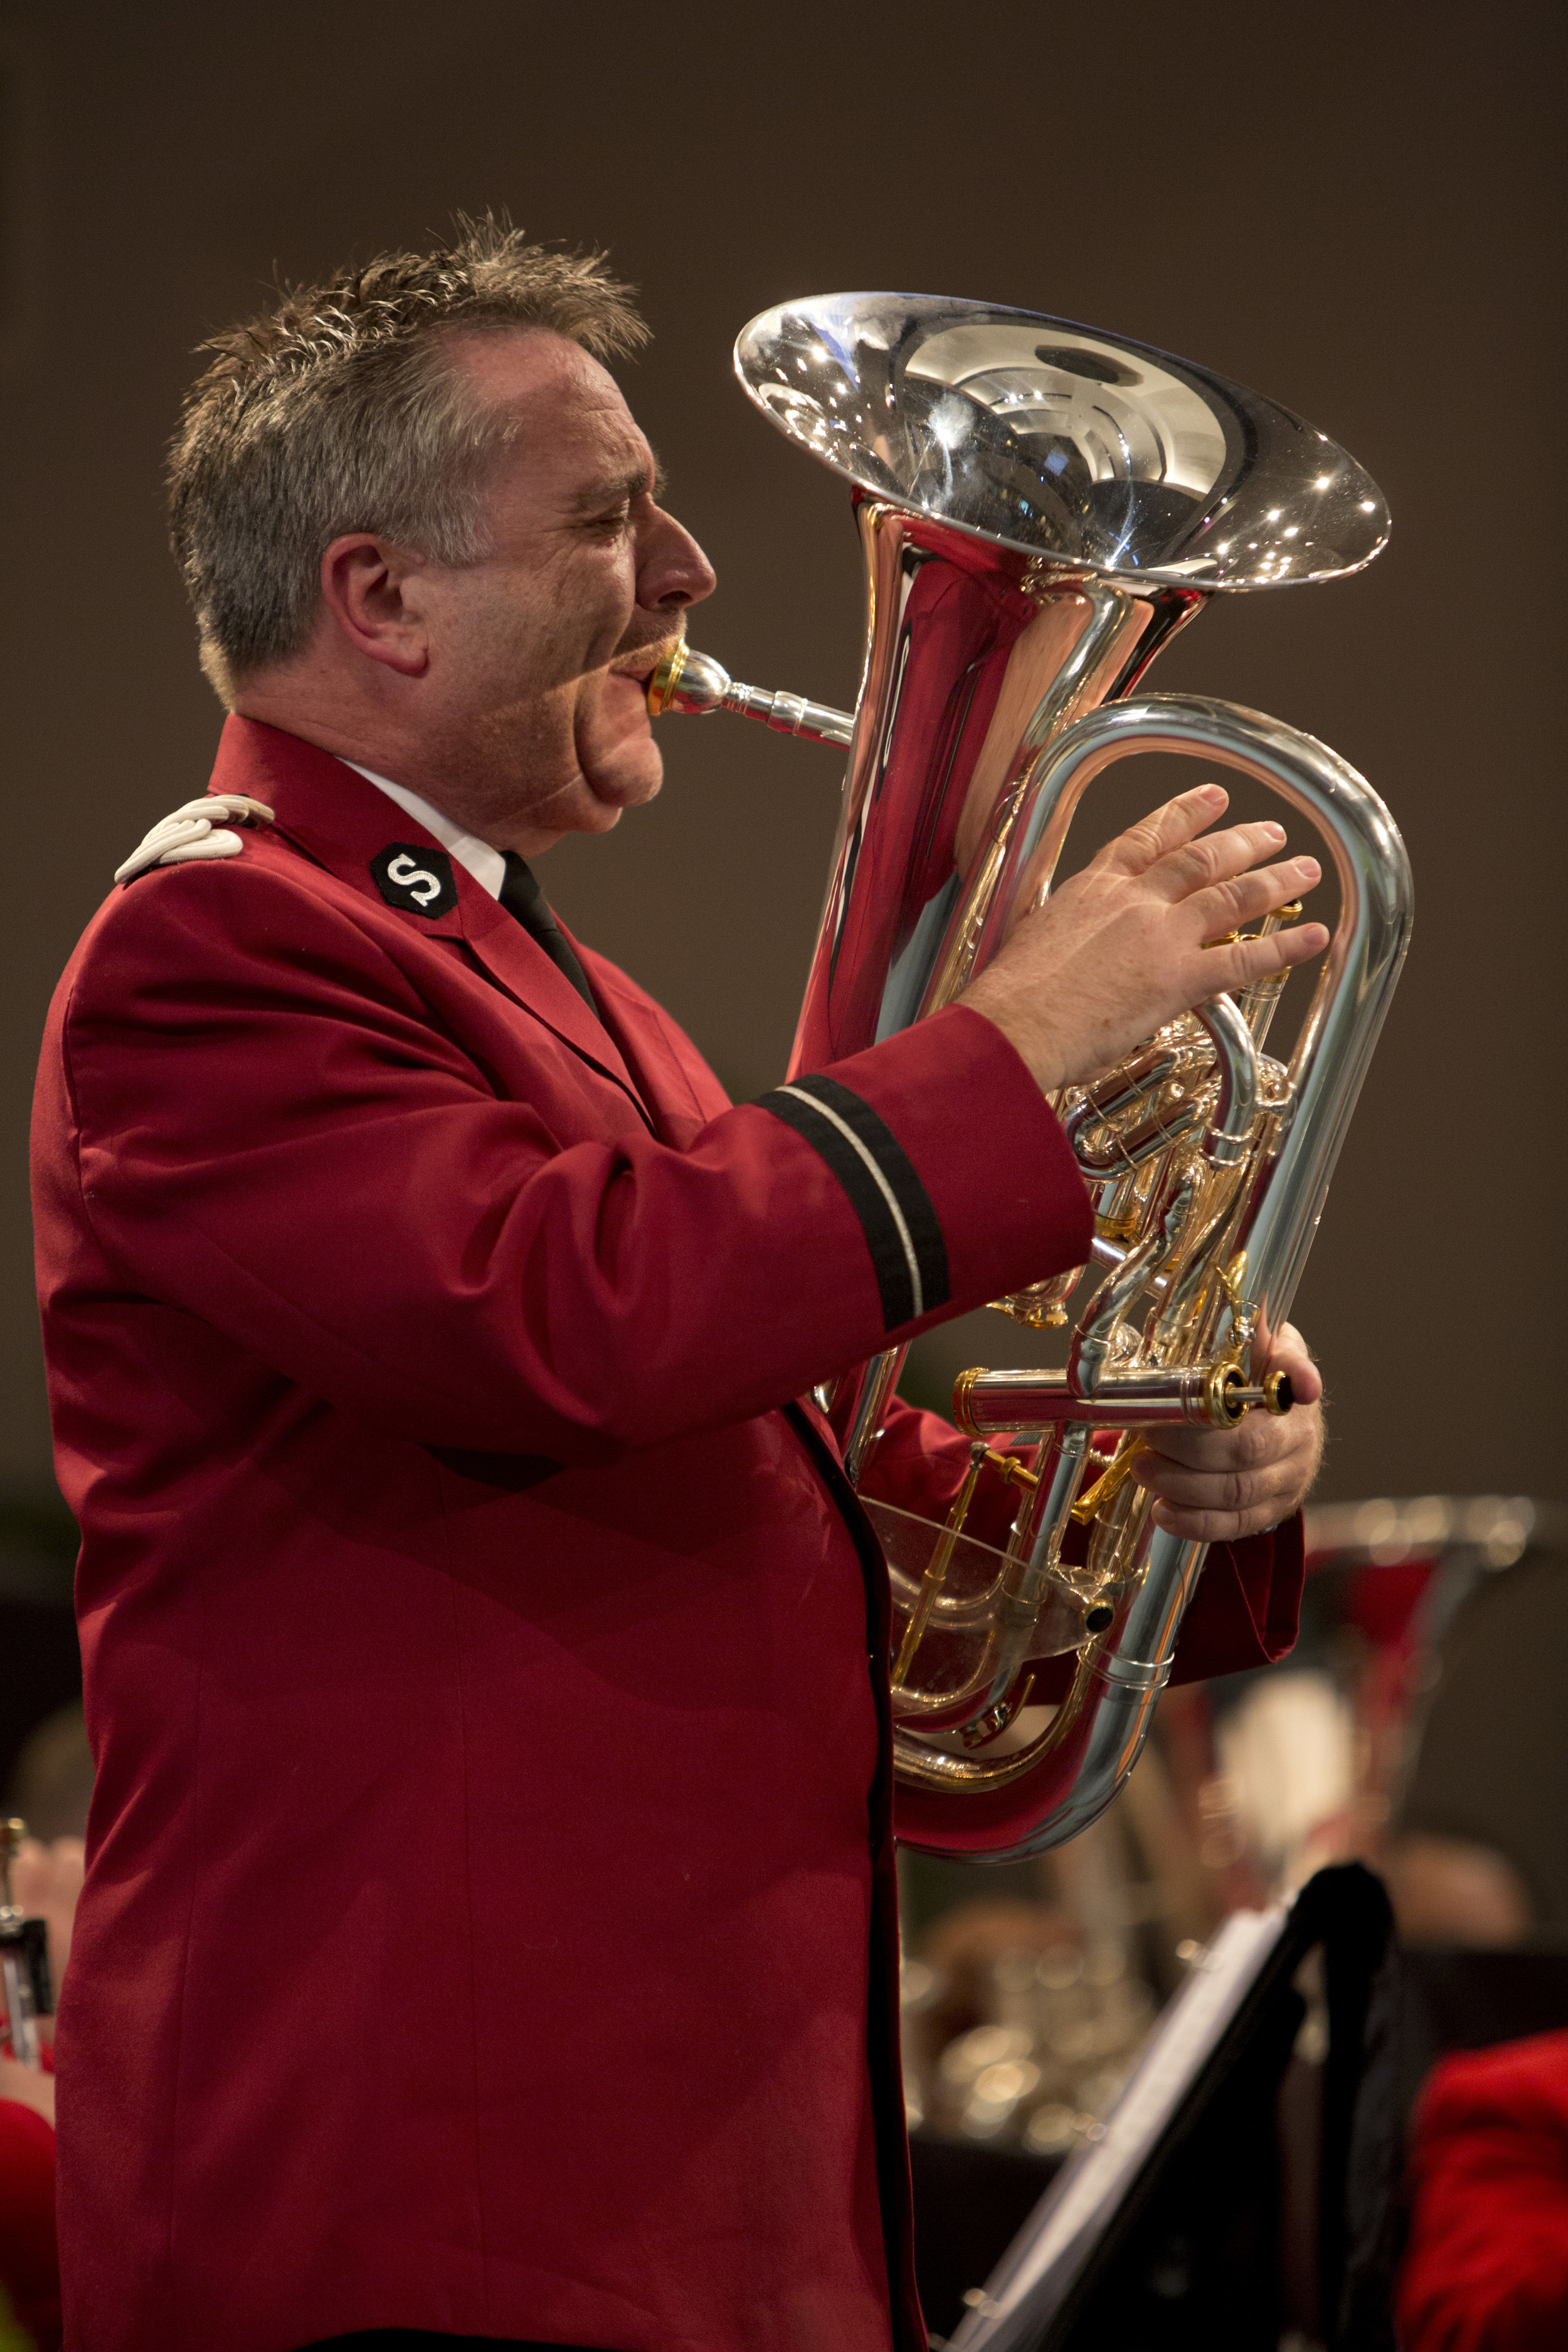 Guest soloist Derick Kane